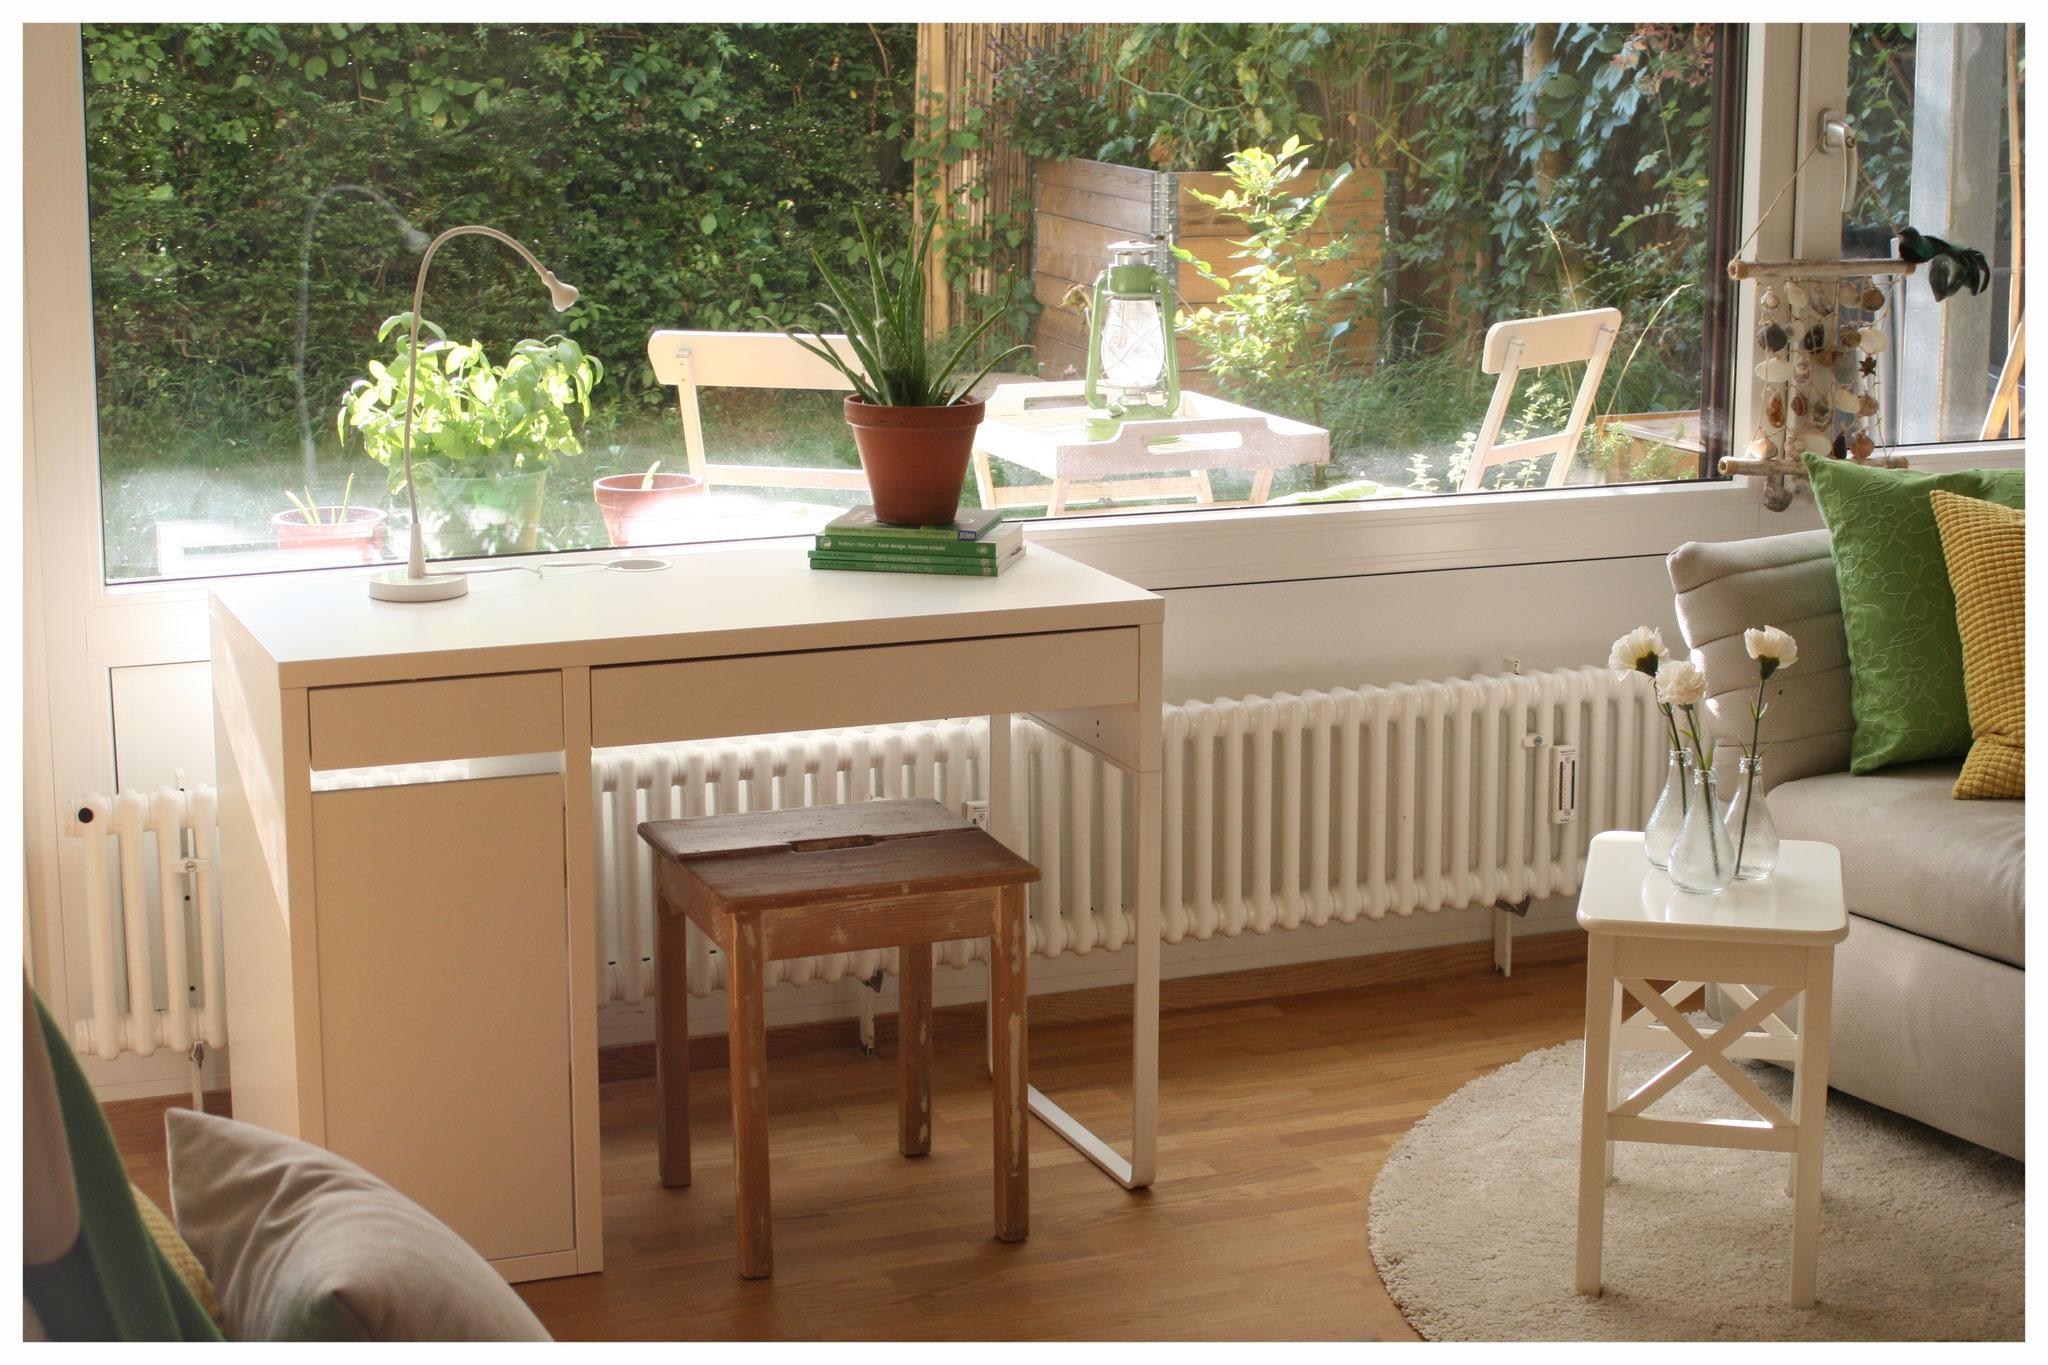 Fensterplatz - nachher